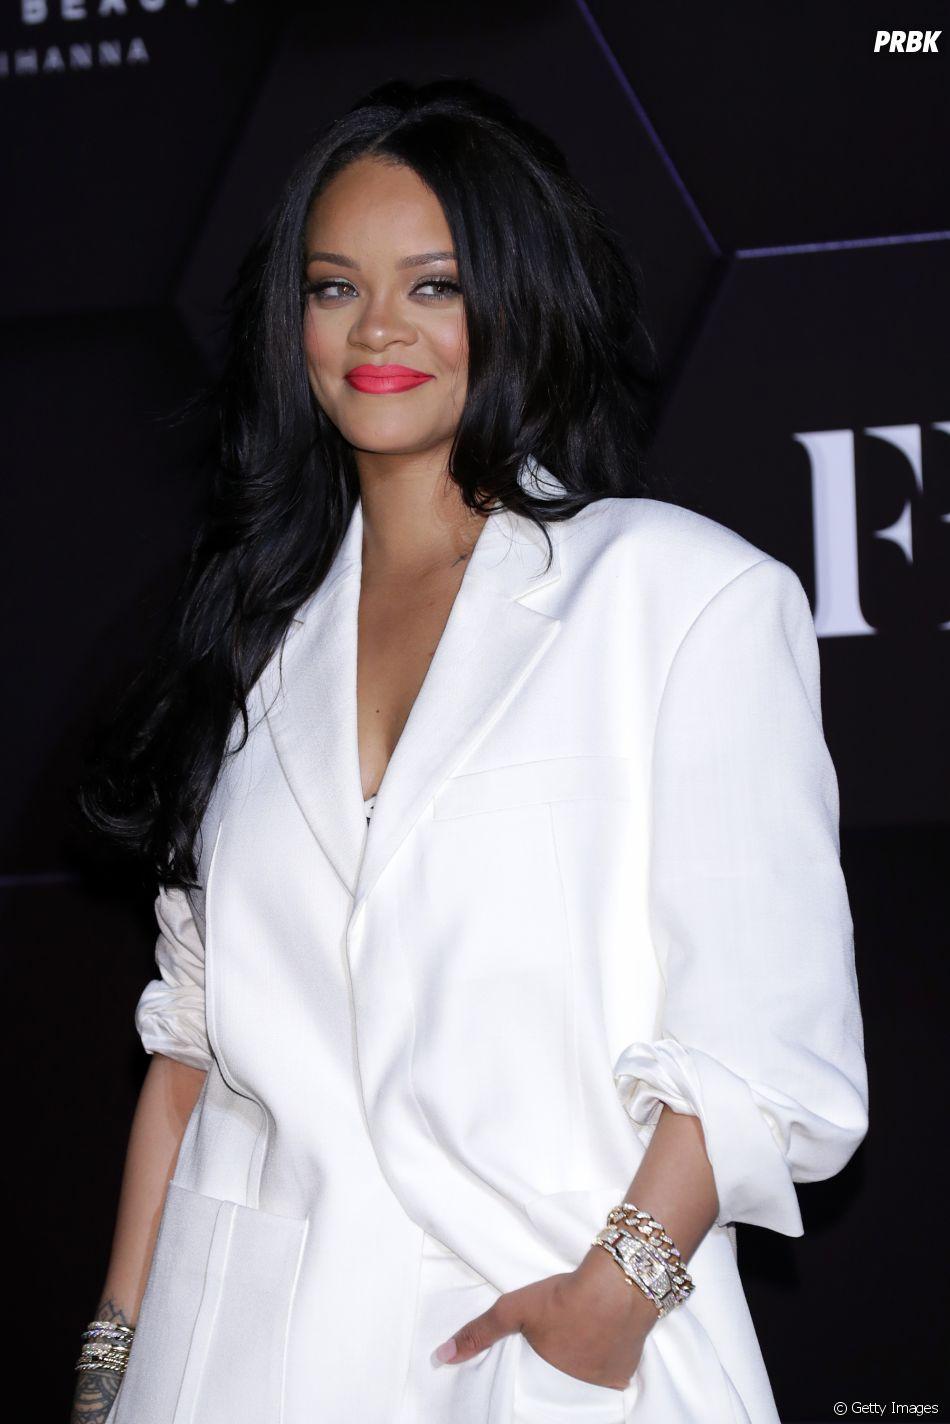 Rihanna confirma que não foi ao Super Bowl após caso de racismo